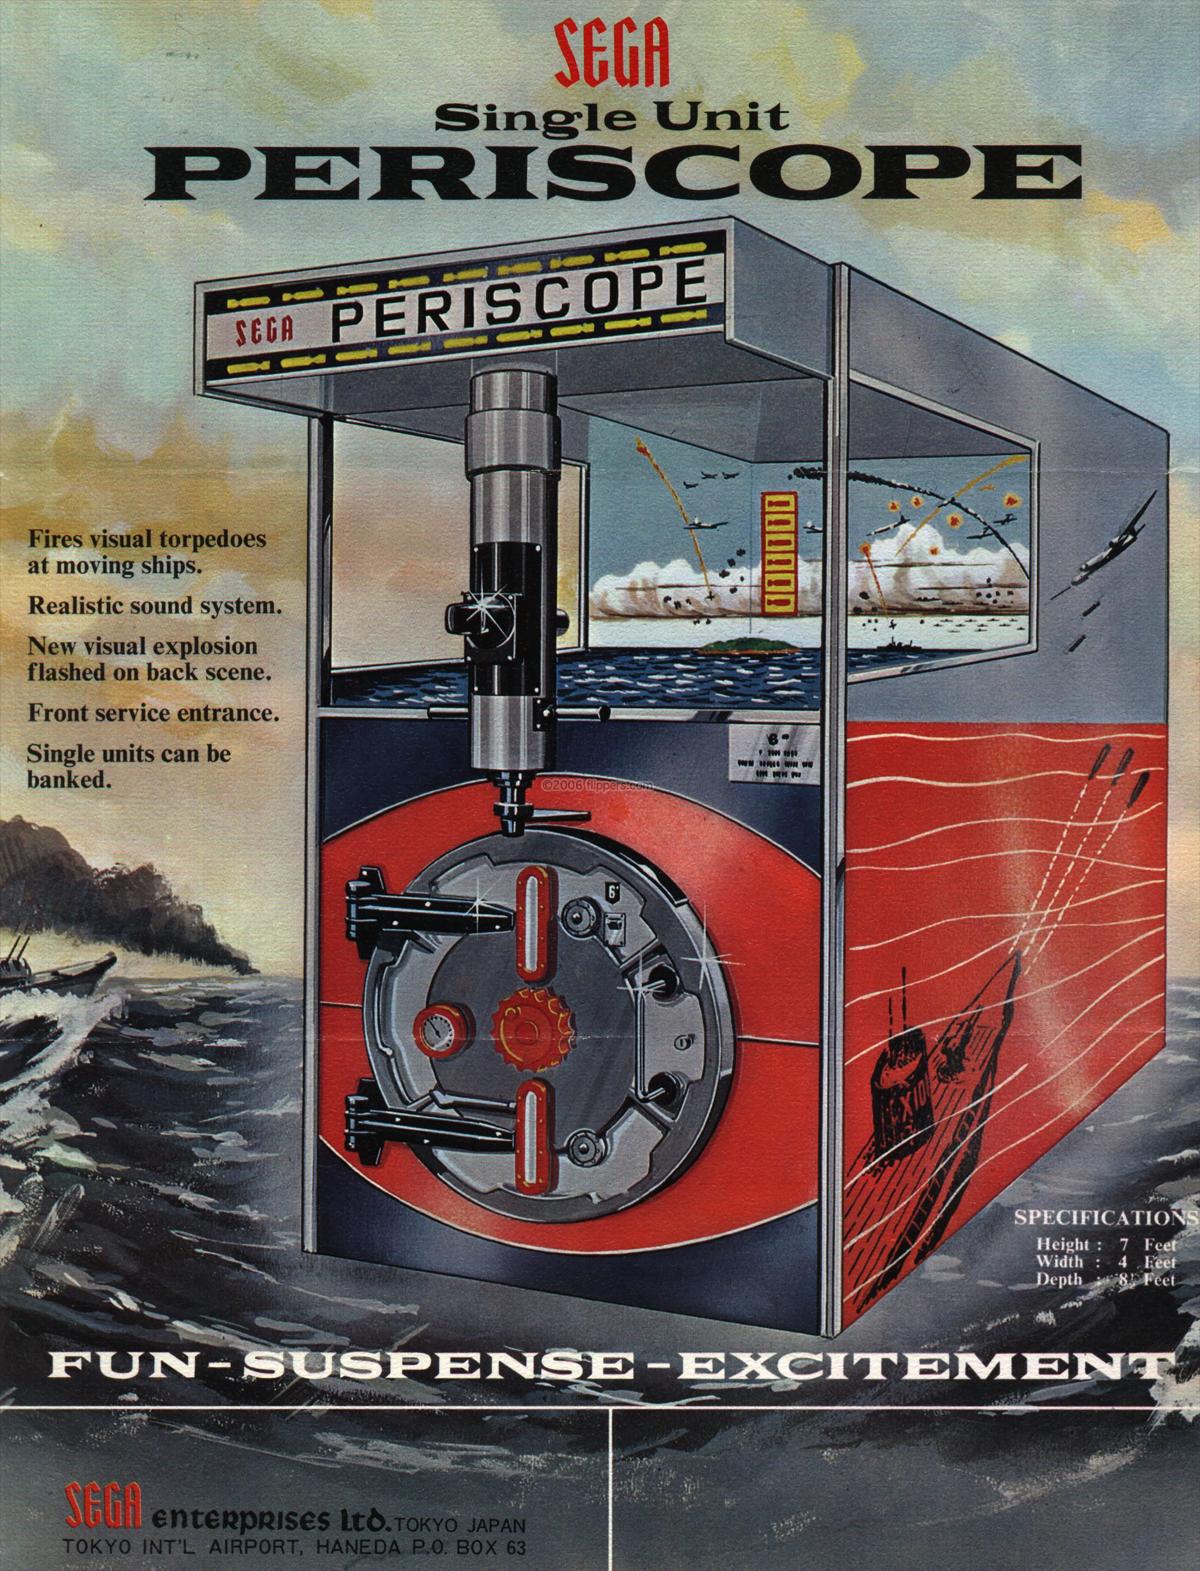 Periscope: primer juego de ocio recreativo desarrollado íntegramente en Japón (1966)